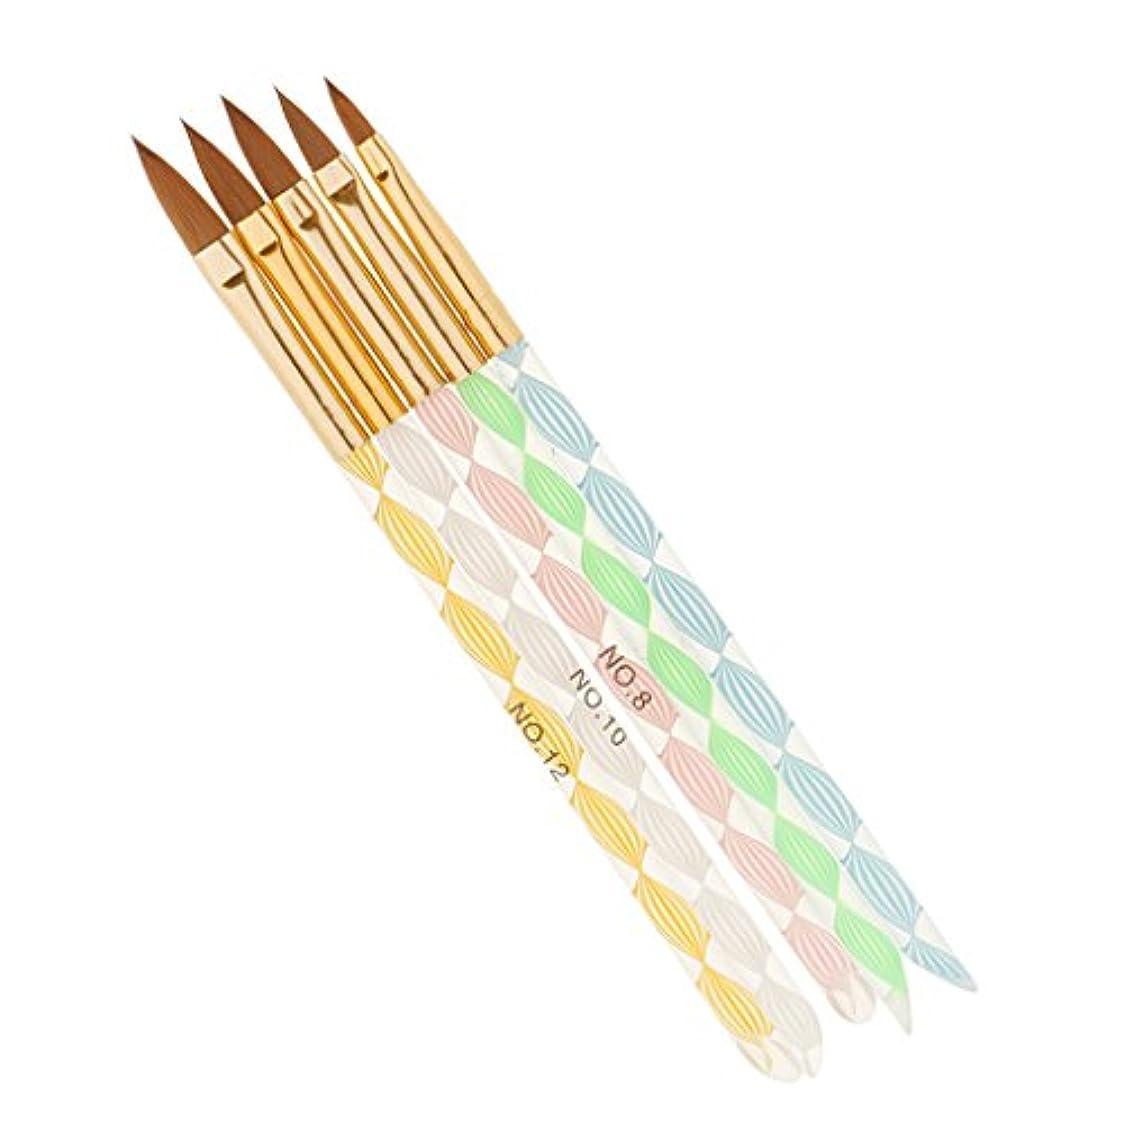 満足できる関数幻影5本 ネイルアート デザイン ブラシキット マニキュアツール 絵画 描画 磨き ブラシ